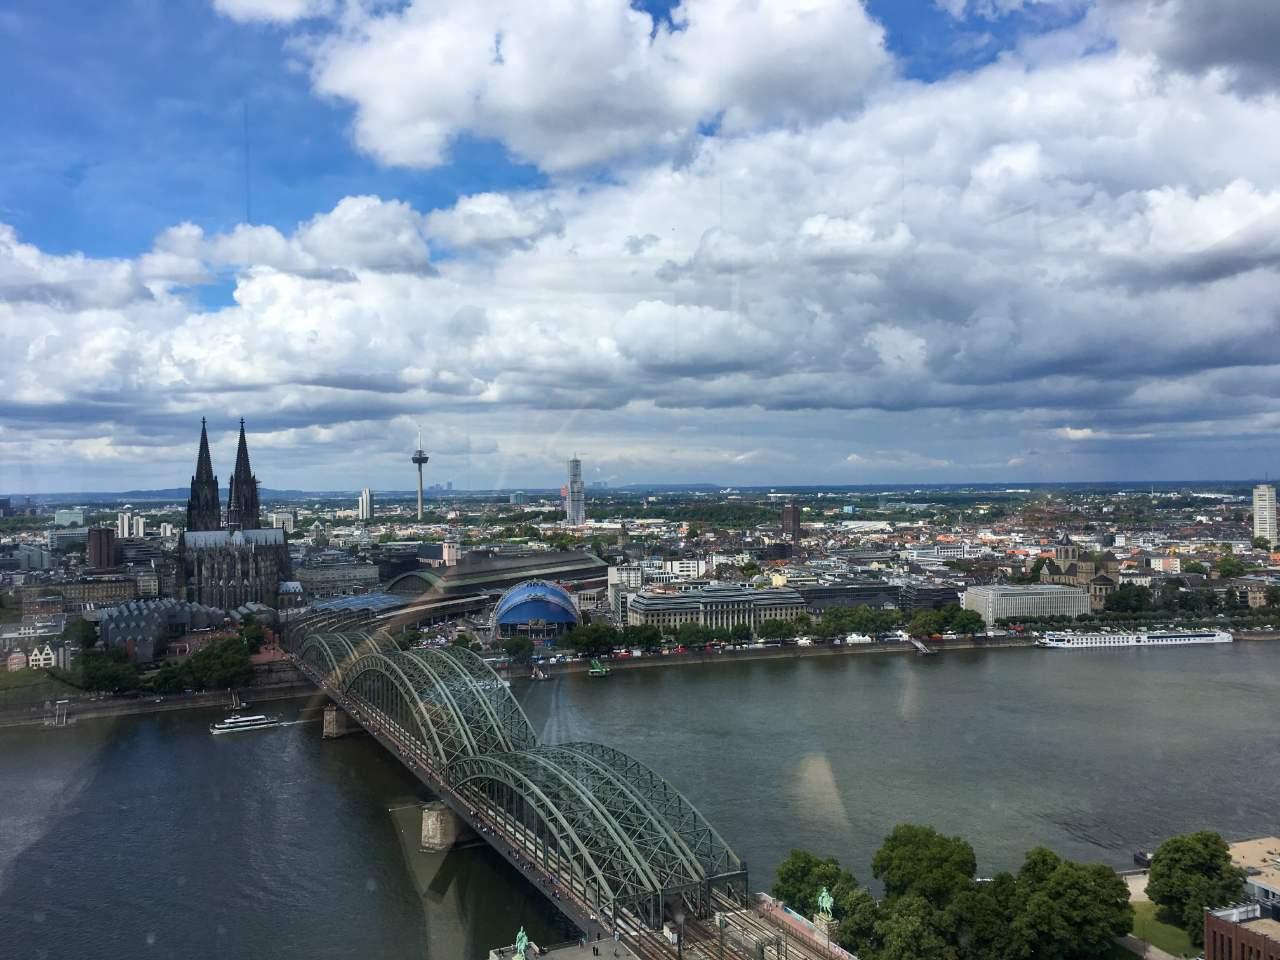 Conheça o Köln Triangle, a melhor vista panorâmica de Colônia